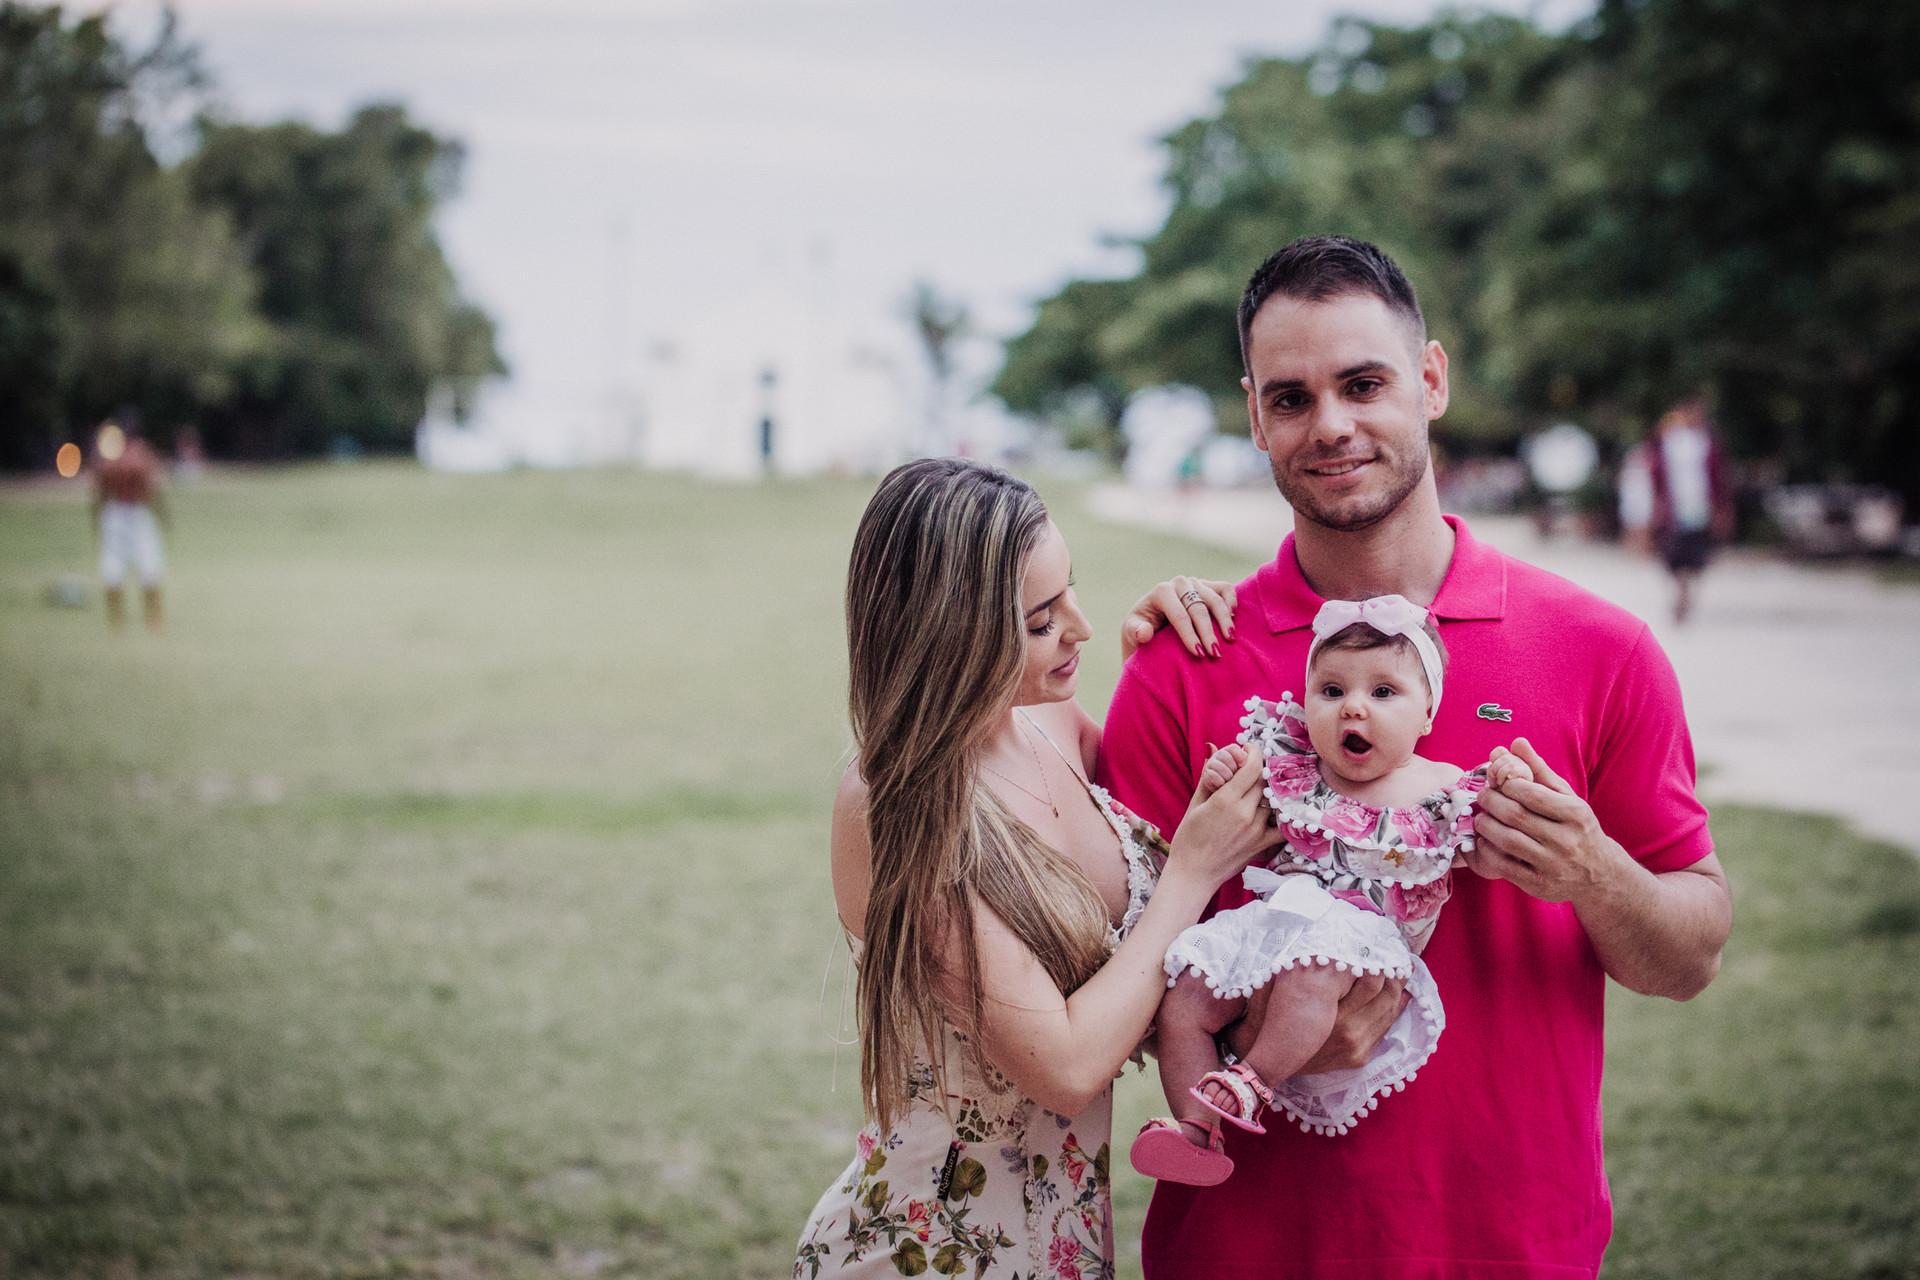 Ensaio em Família com Isabela, Bia e João Paulo Trancoso Nov 11th 2017